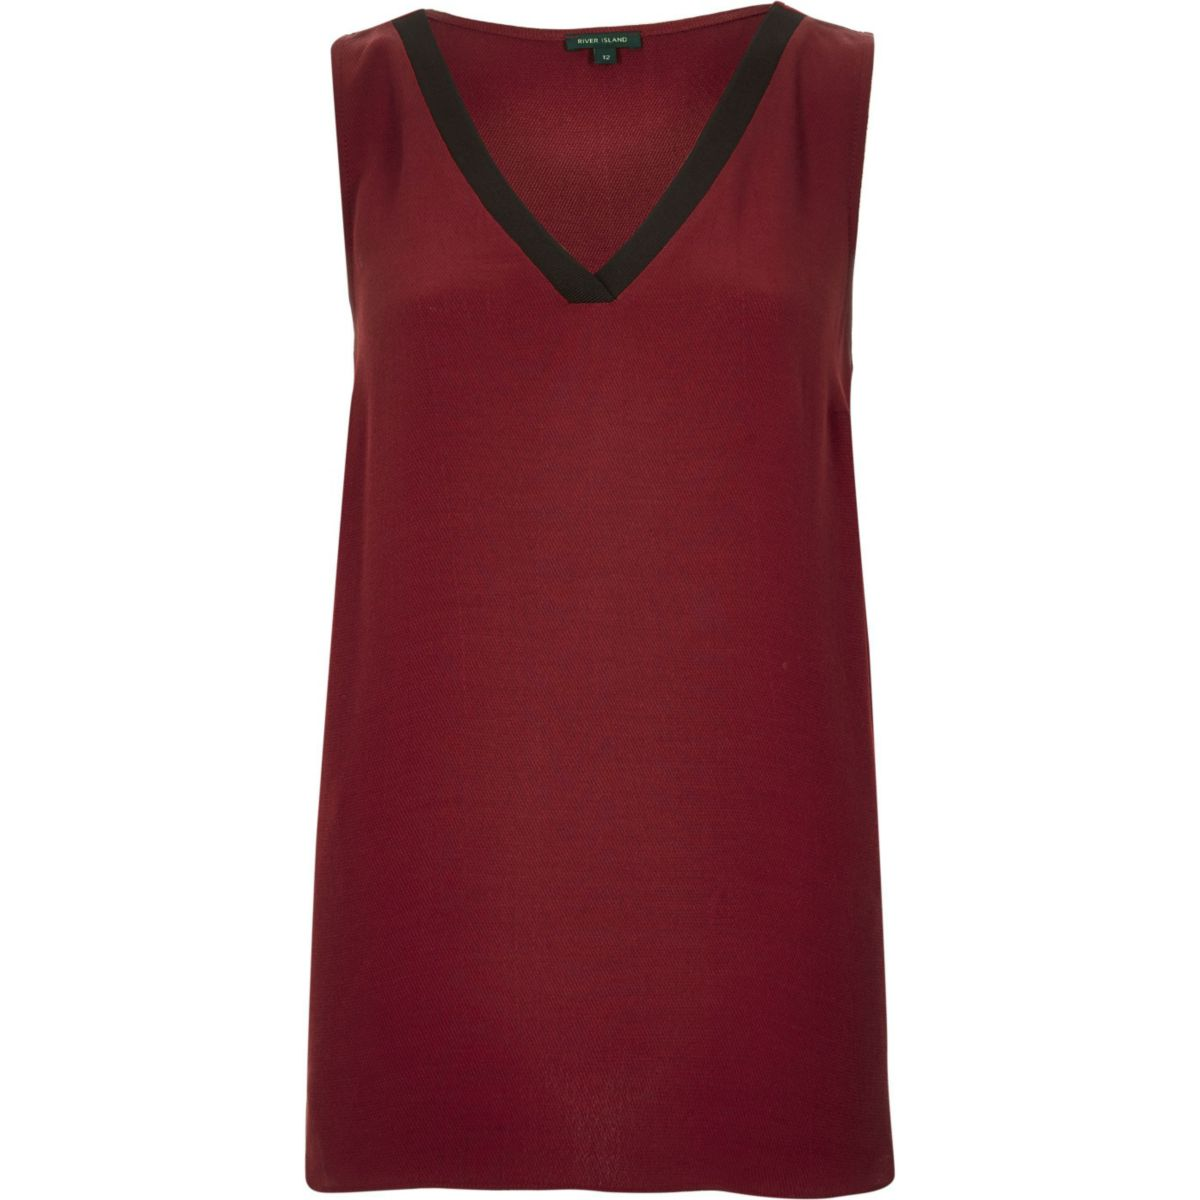 Burgundy V-neck vest